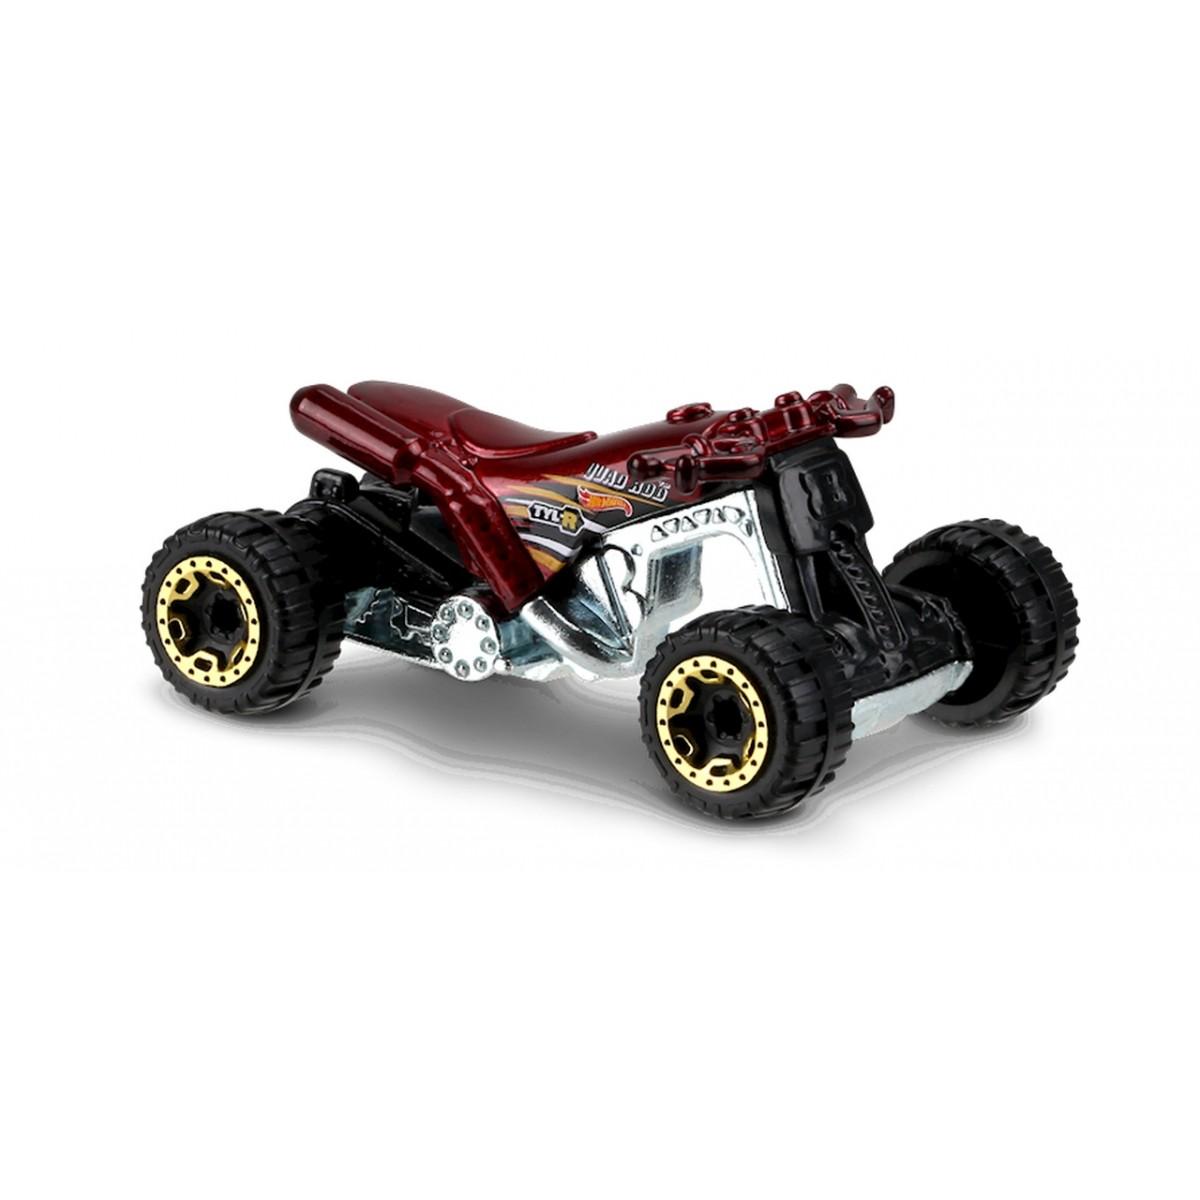 Carrinho Hot Wheels: Quad Rod (Quadriciclo) Vermelho